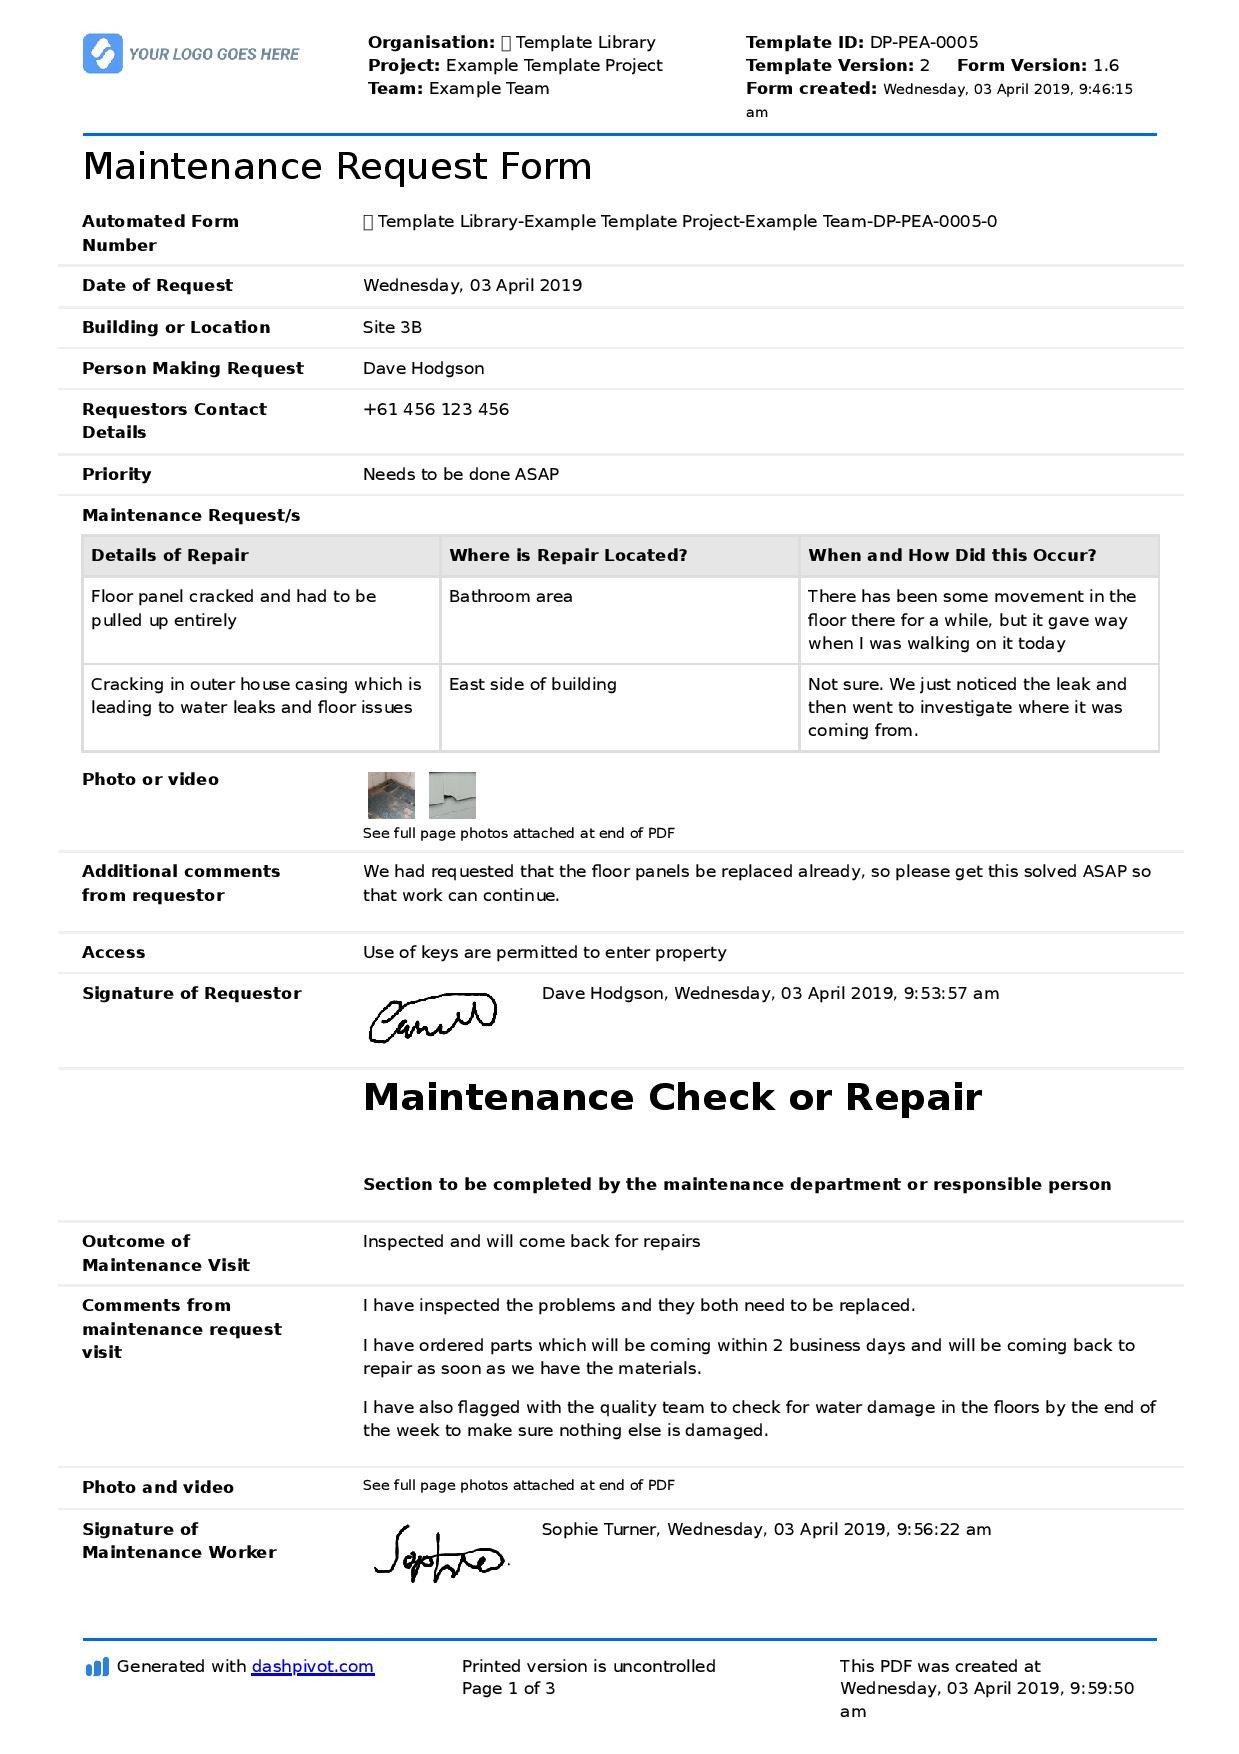 Maintenance Request form Template Maintenance Request form Template Better Than Pdf and Excel